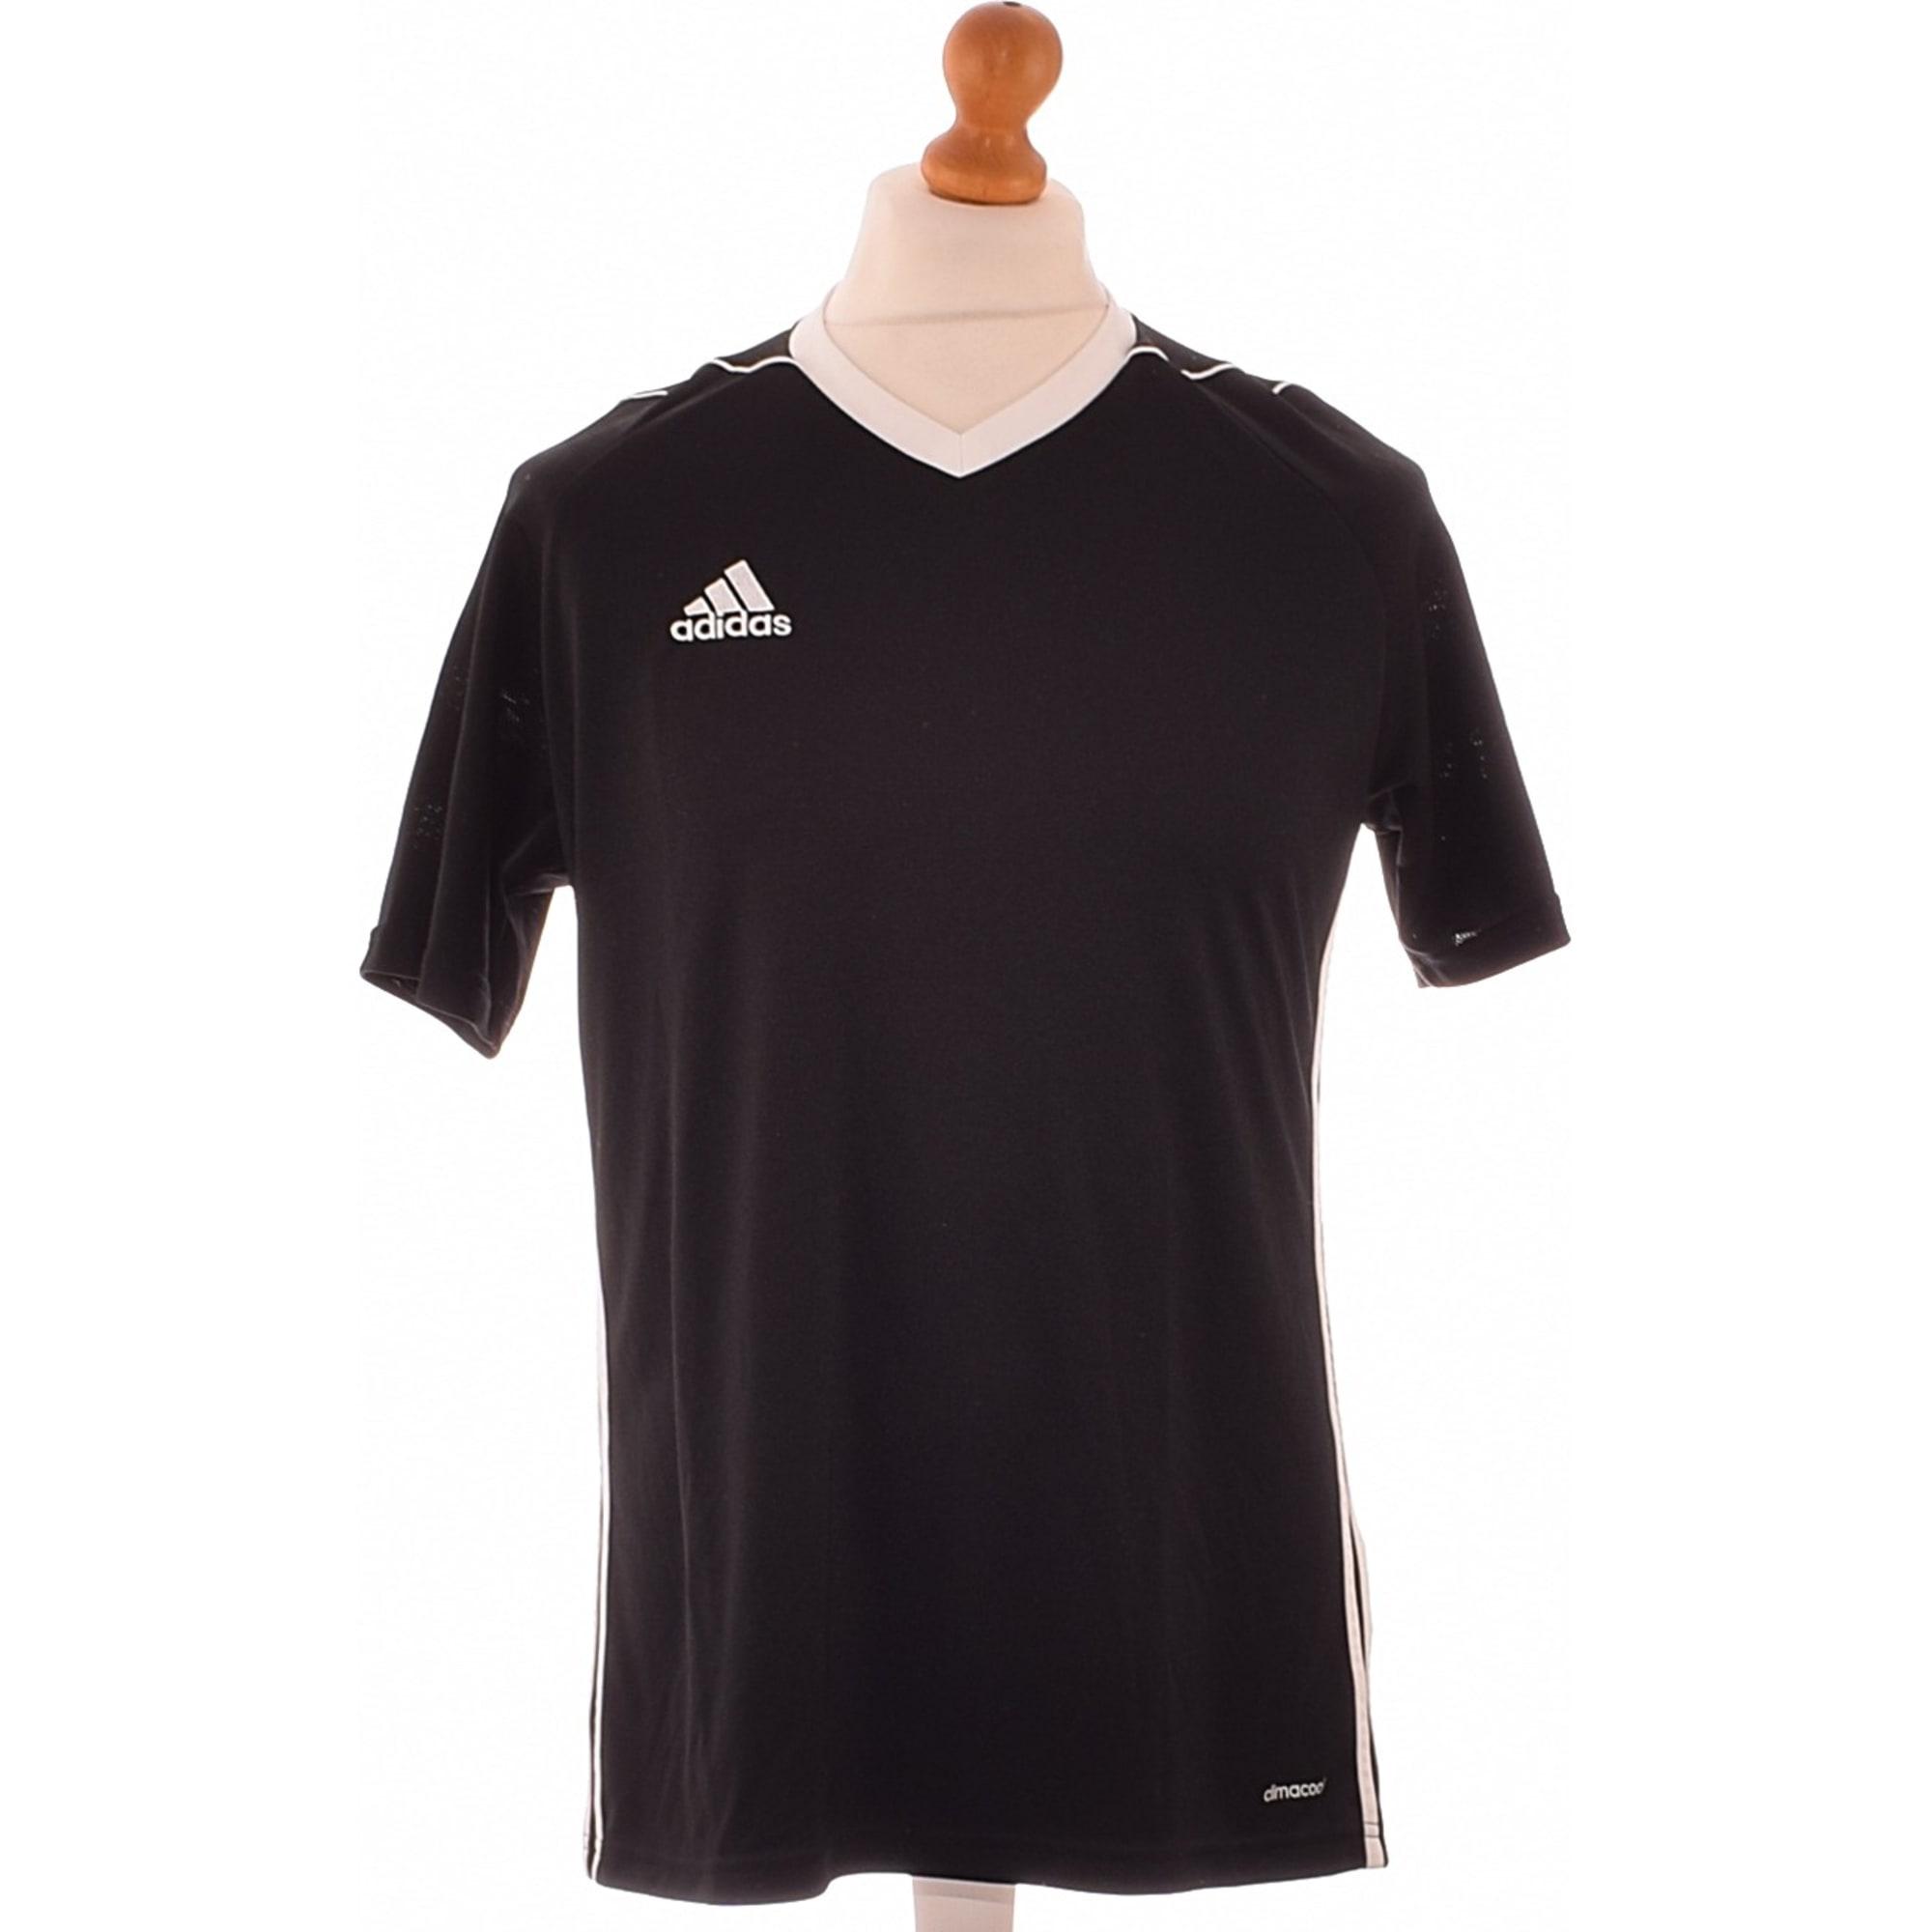 T-shirt ADIDAS Black